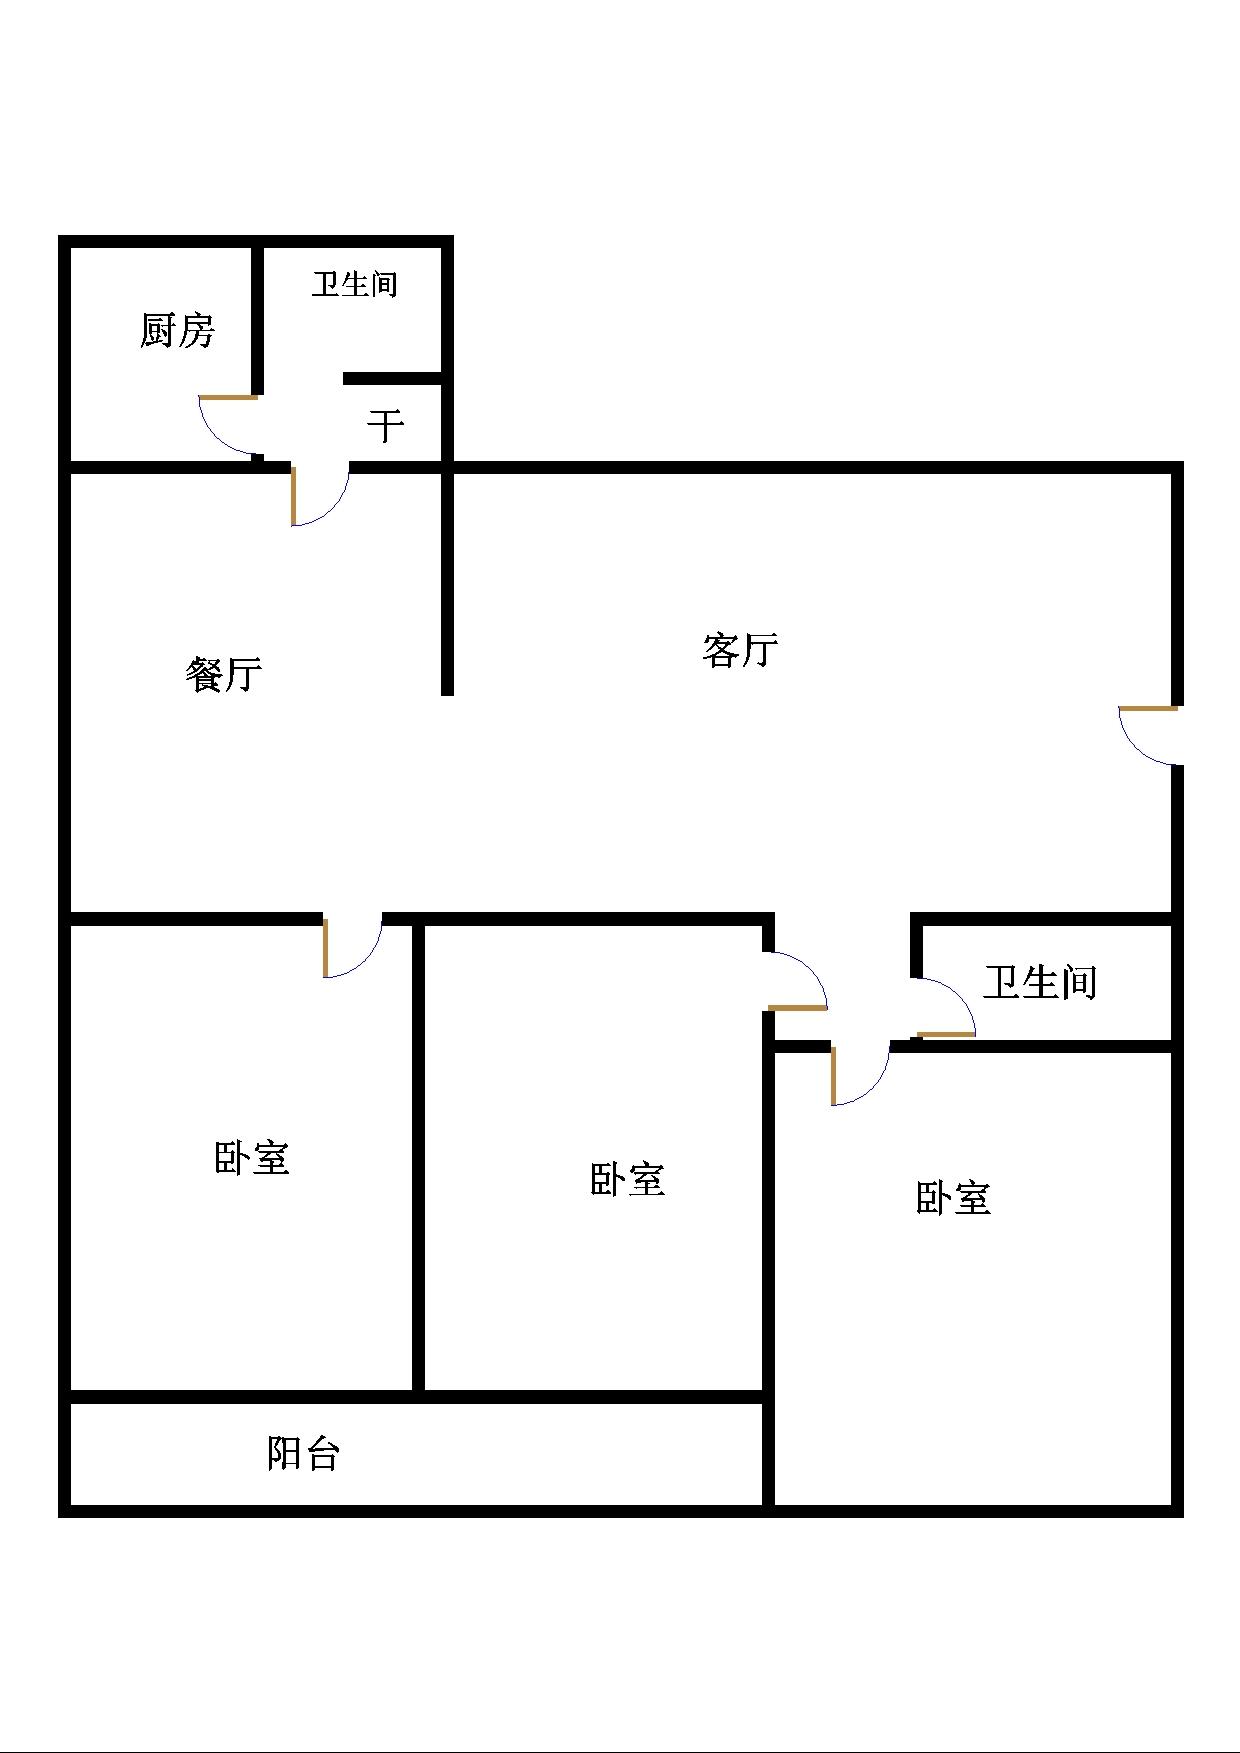 青龙潭小区 3室2厅  简装 123万